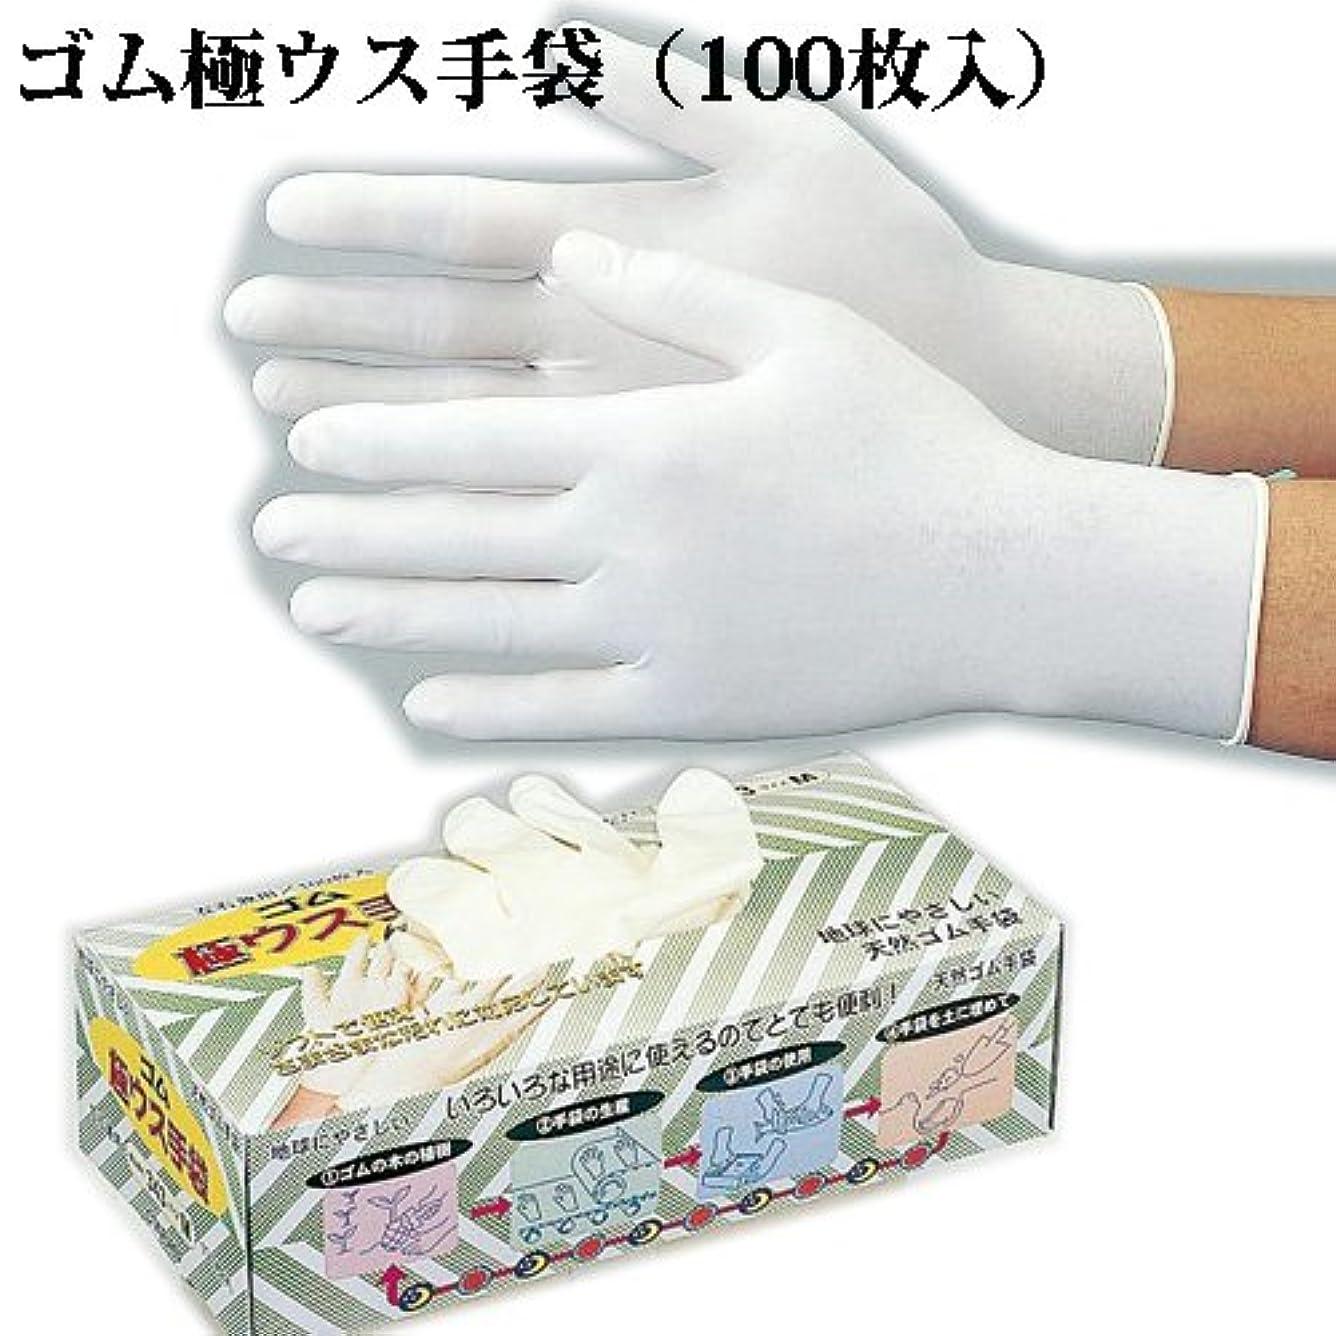 残酷形式式【おたふく手袋】ゴム極ウス手袋 100枚入れ No343 Lサイズ